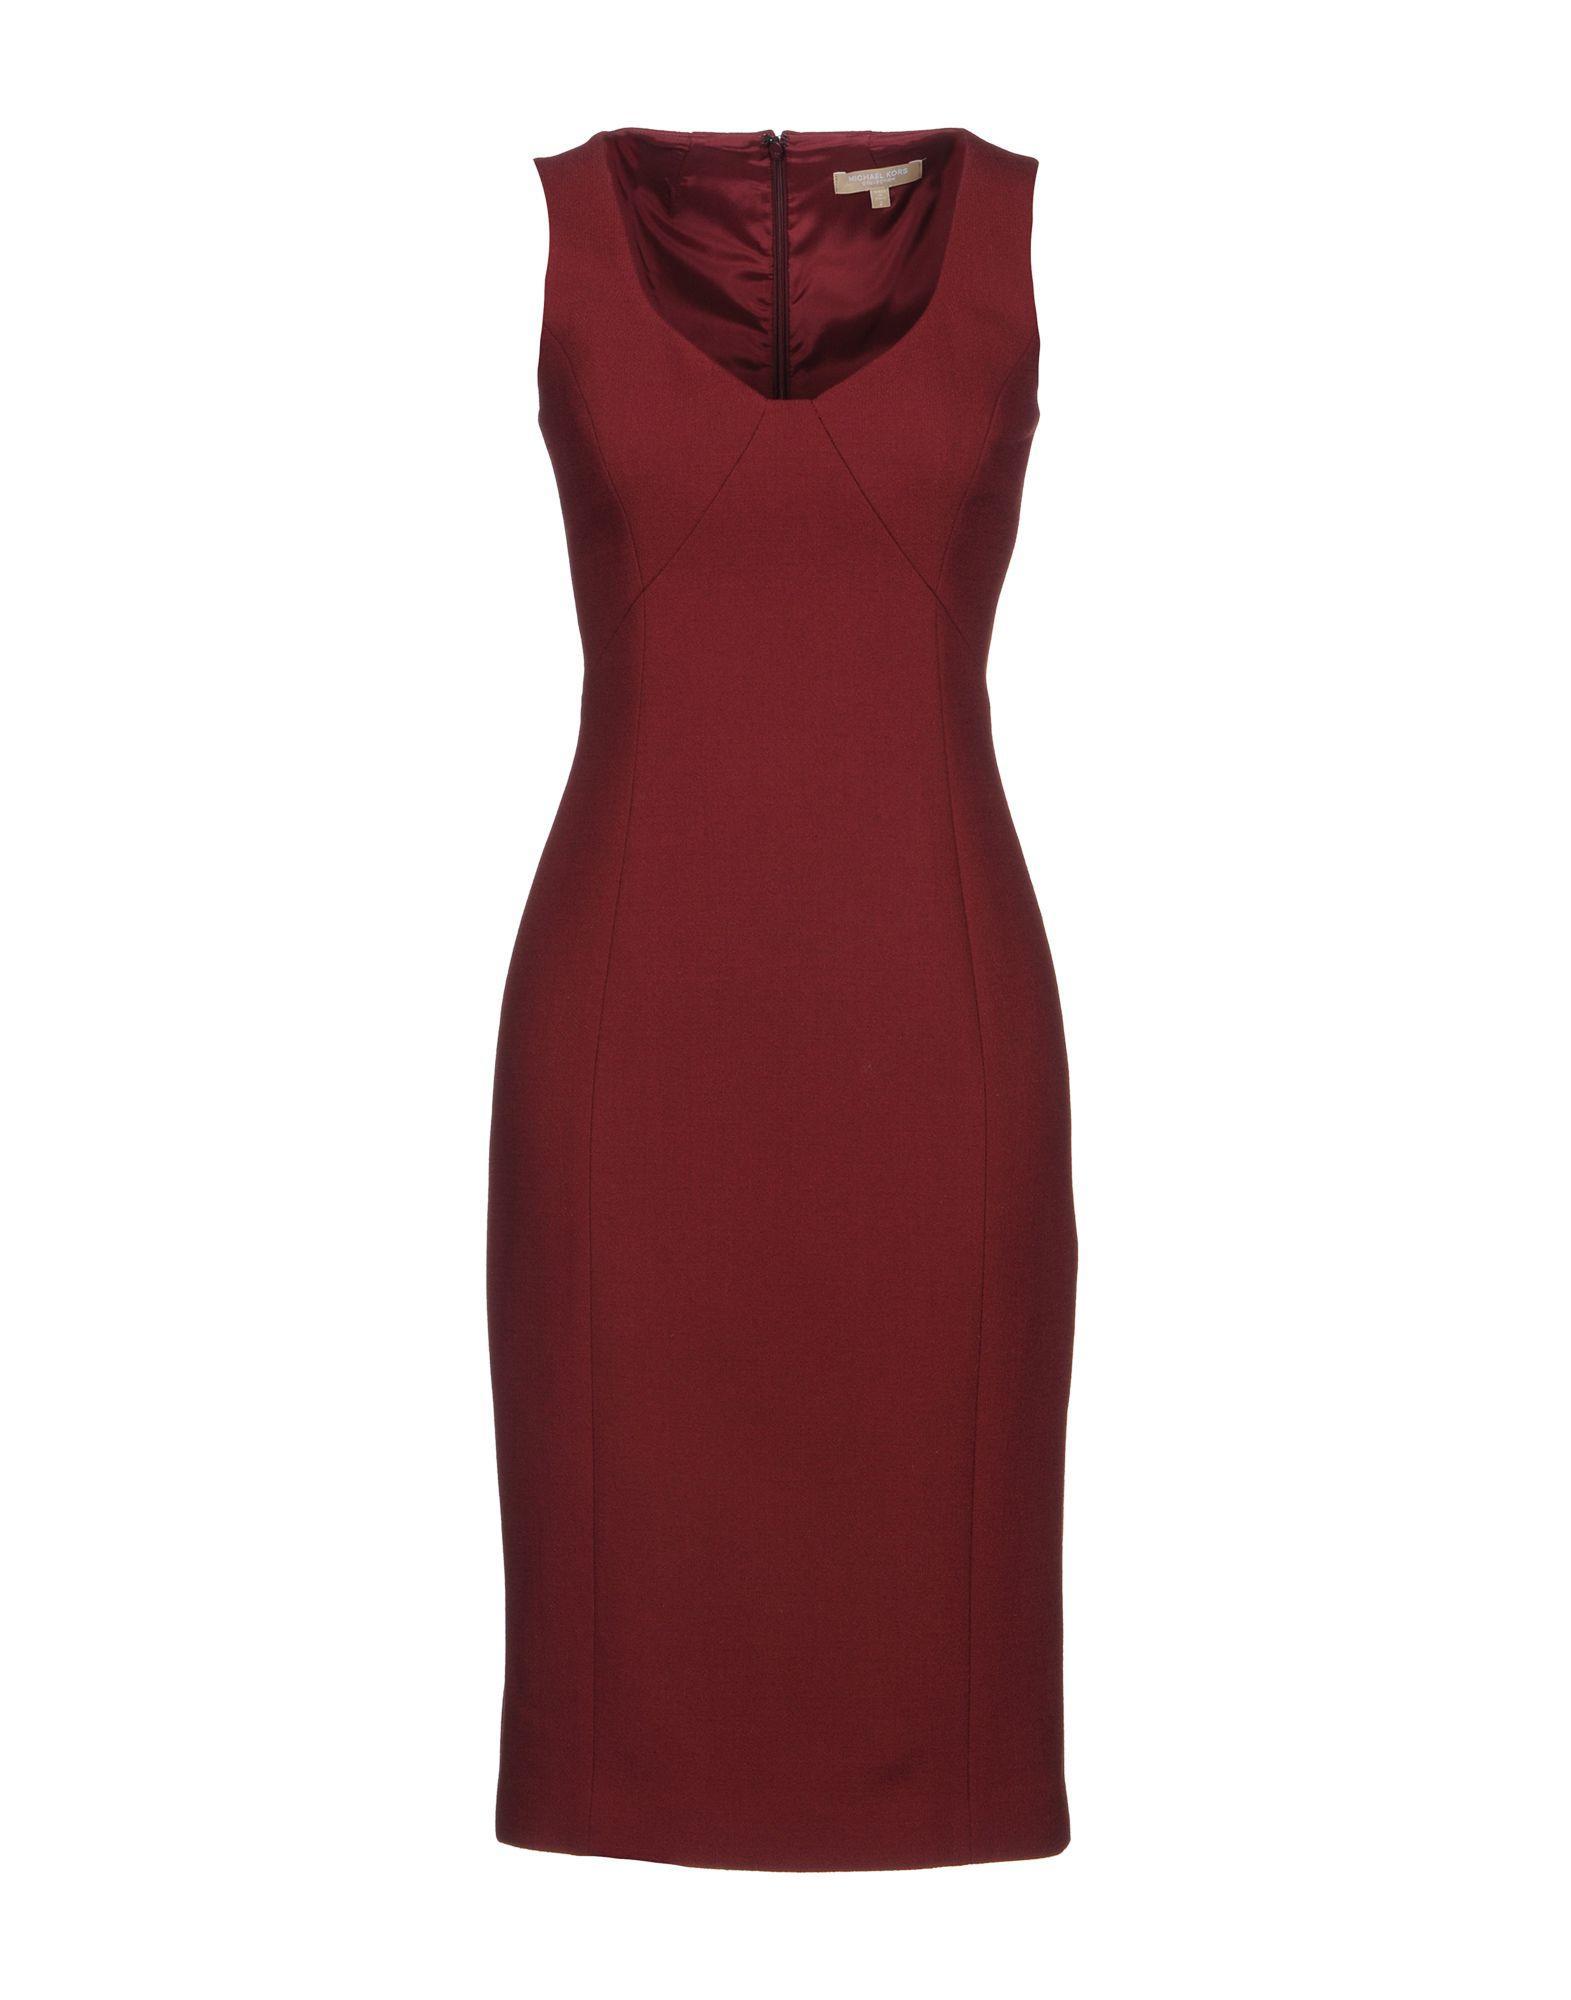 Michael Kors Knee-length Dress In Maroon